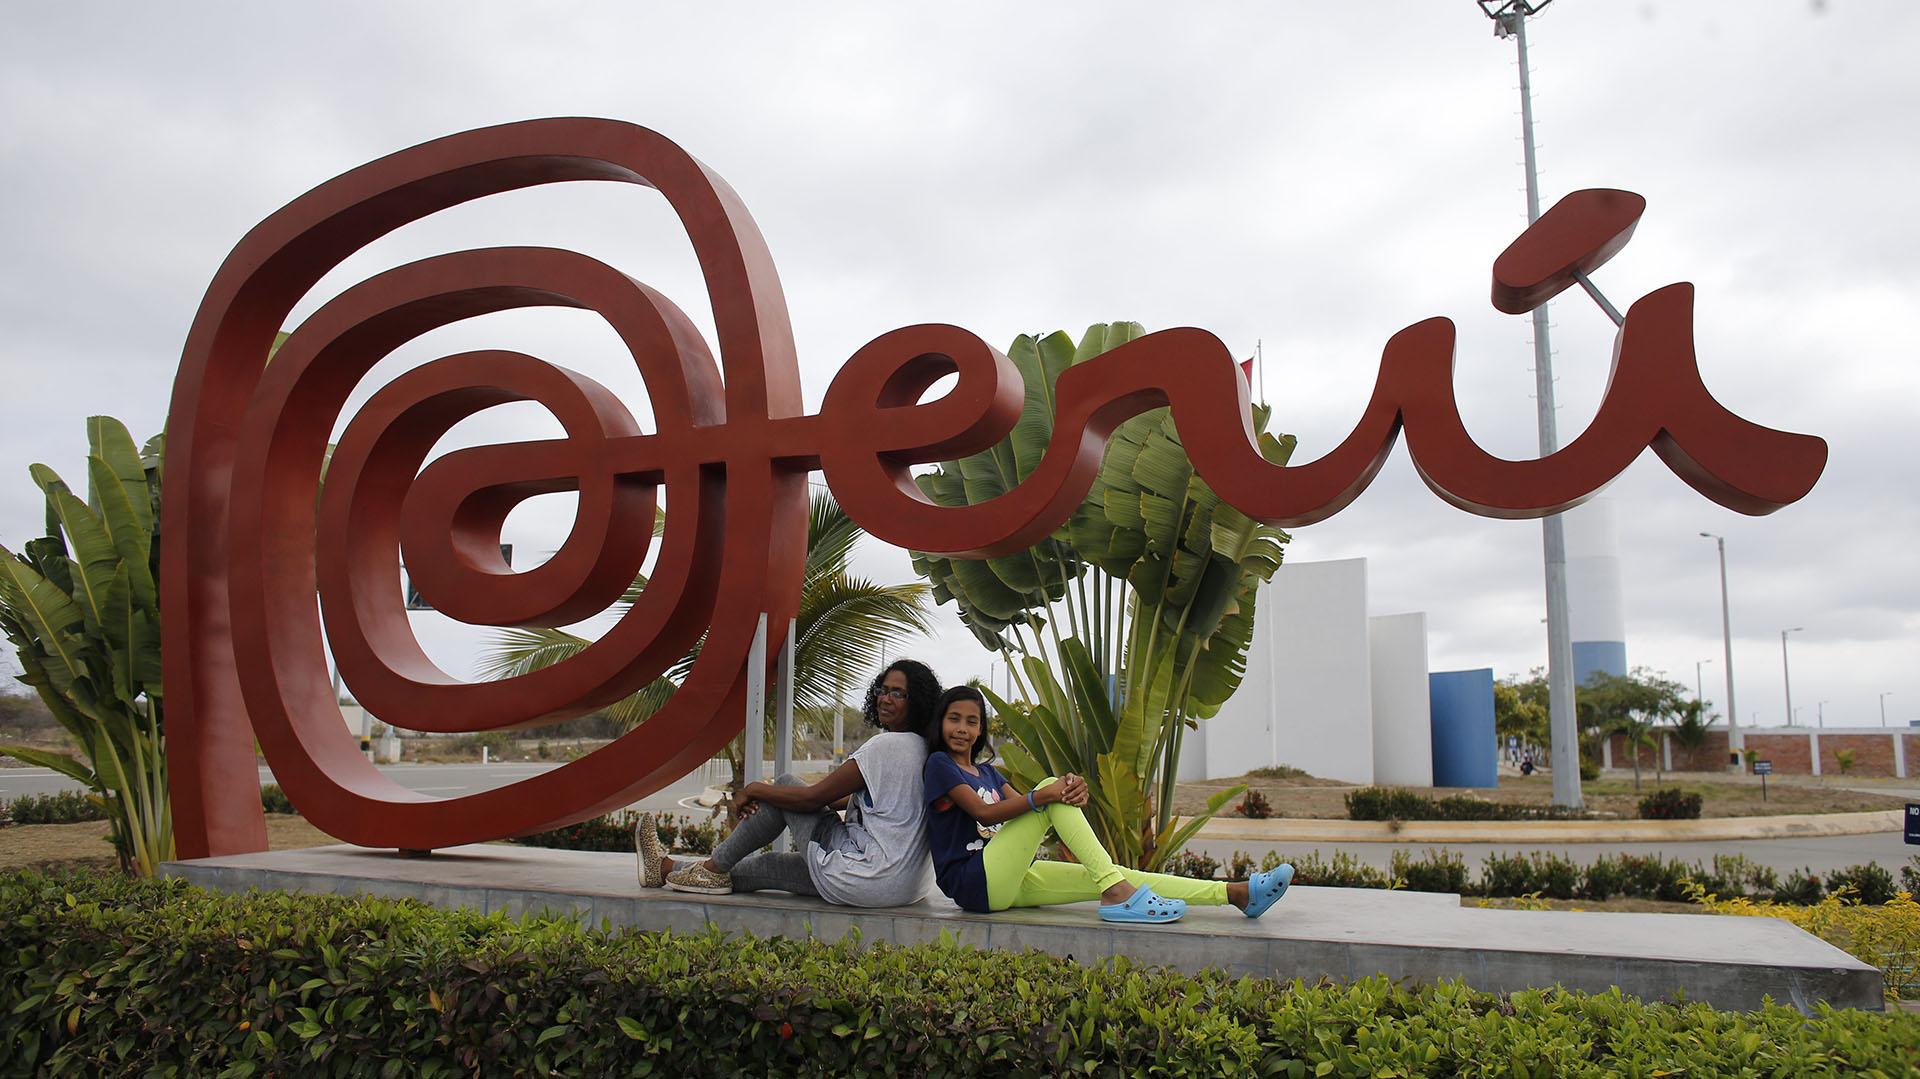 Sandra Cadiz y su hija posar tras llegar a su destino, Perú (AP Photo/Ariana Cubillos)